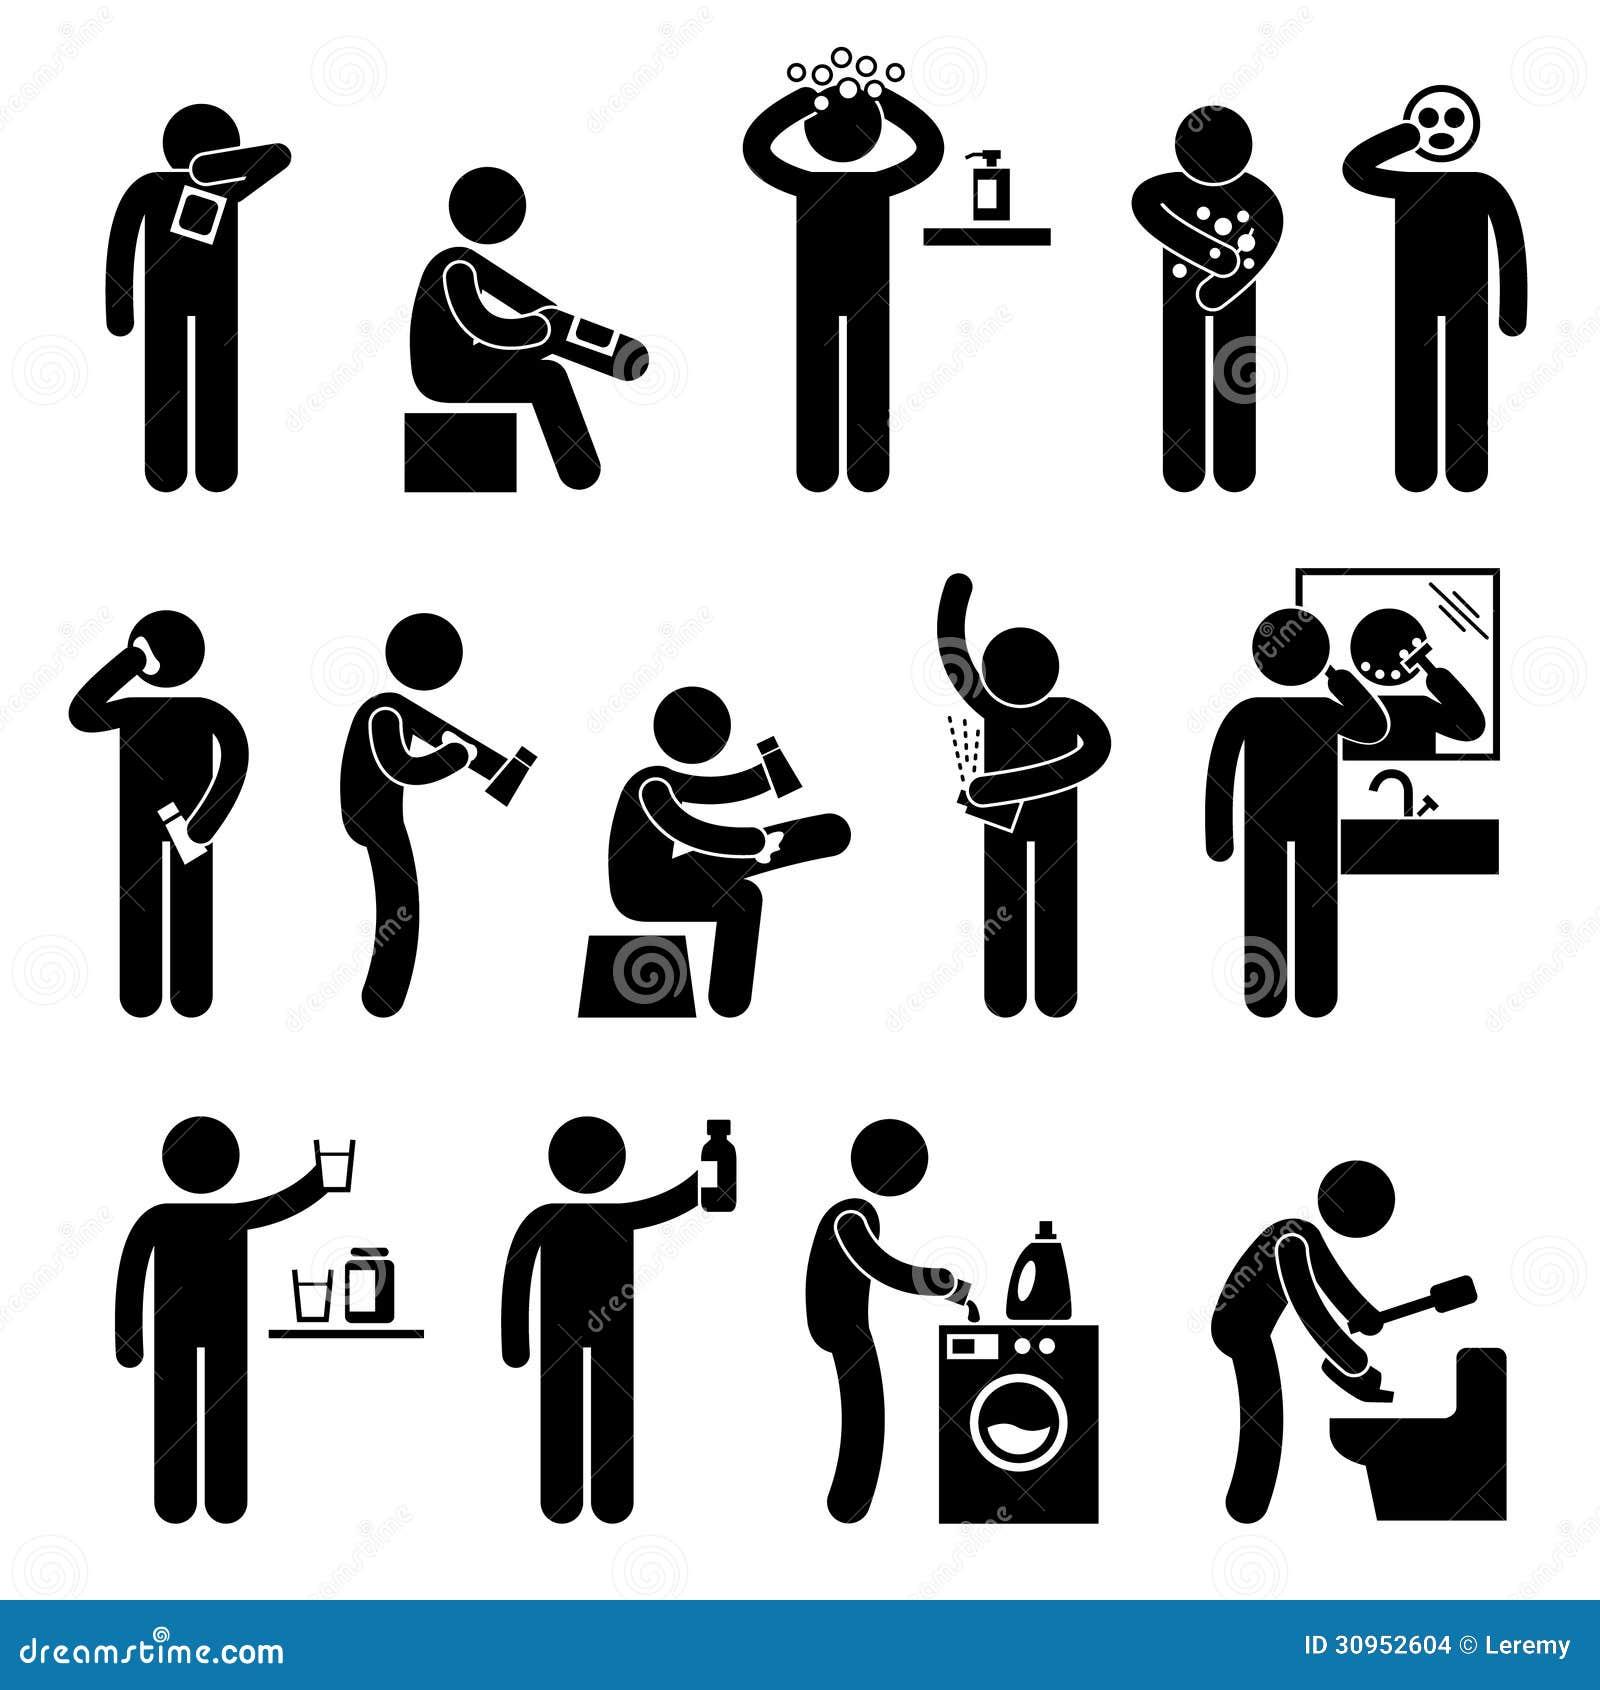 Άτομο που χρησιμοποιεί το εικονόγραμμα προϊόντων υγειονομικής περίθαλψης